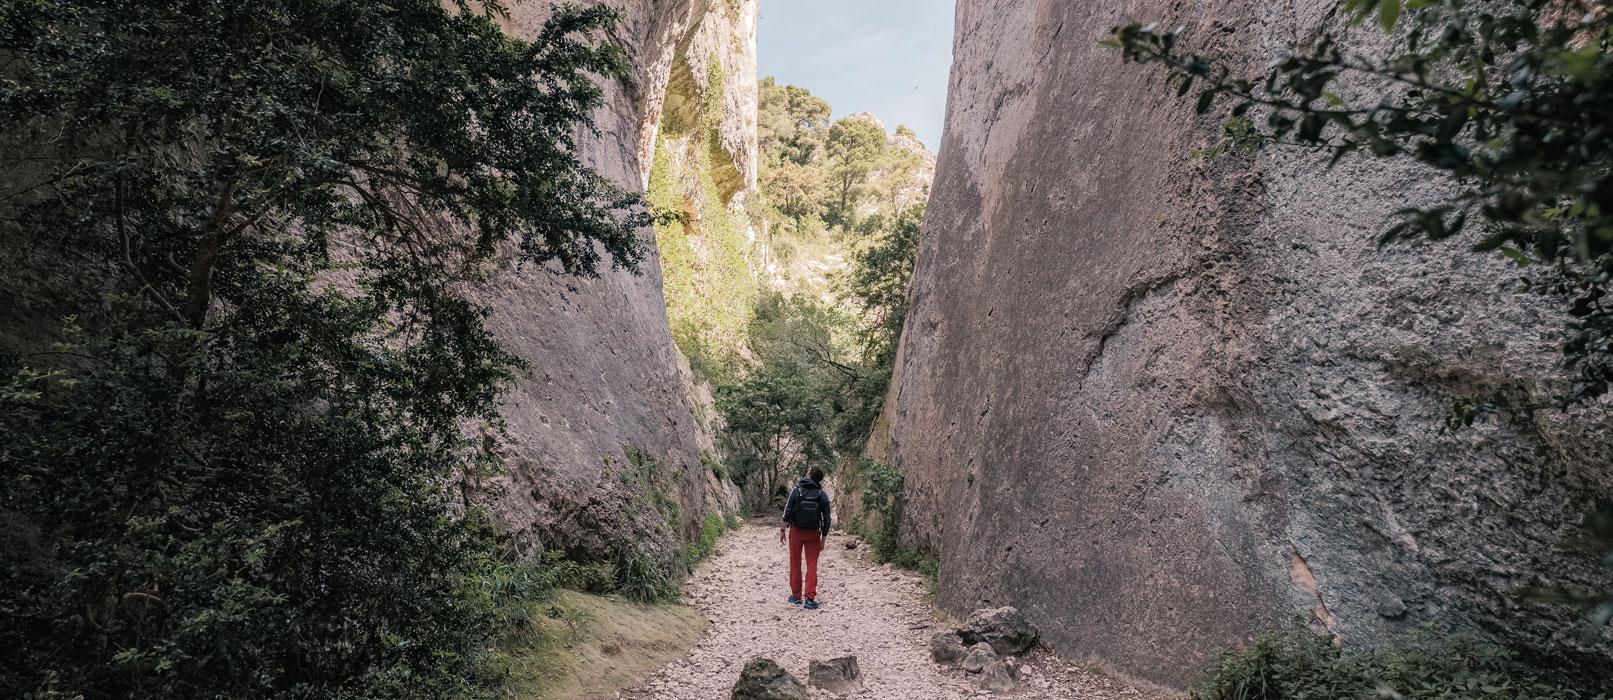 Wanderung in der Kühle der Gorges du Régalon © Verneuil